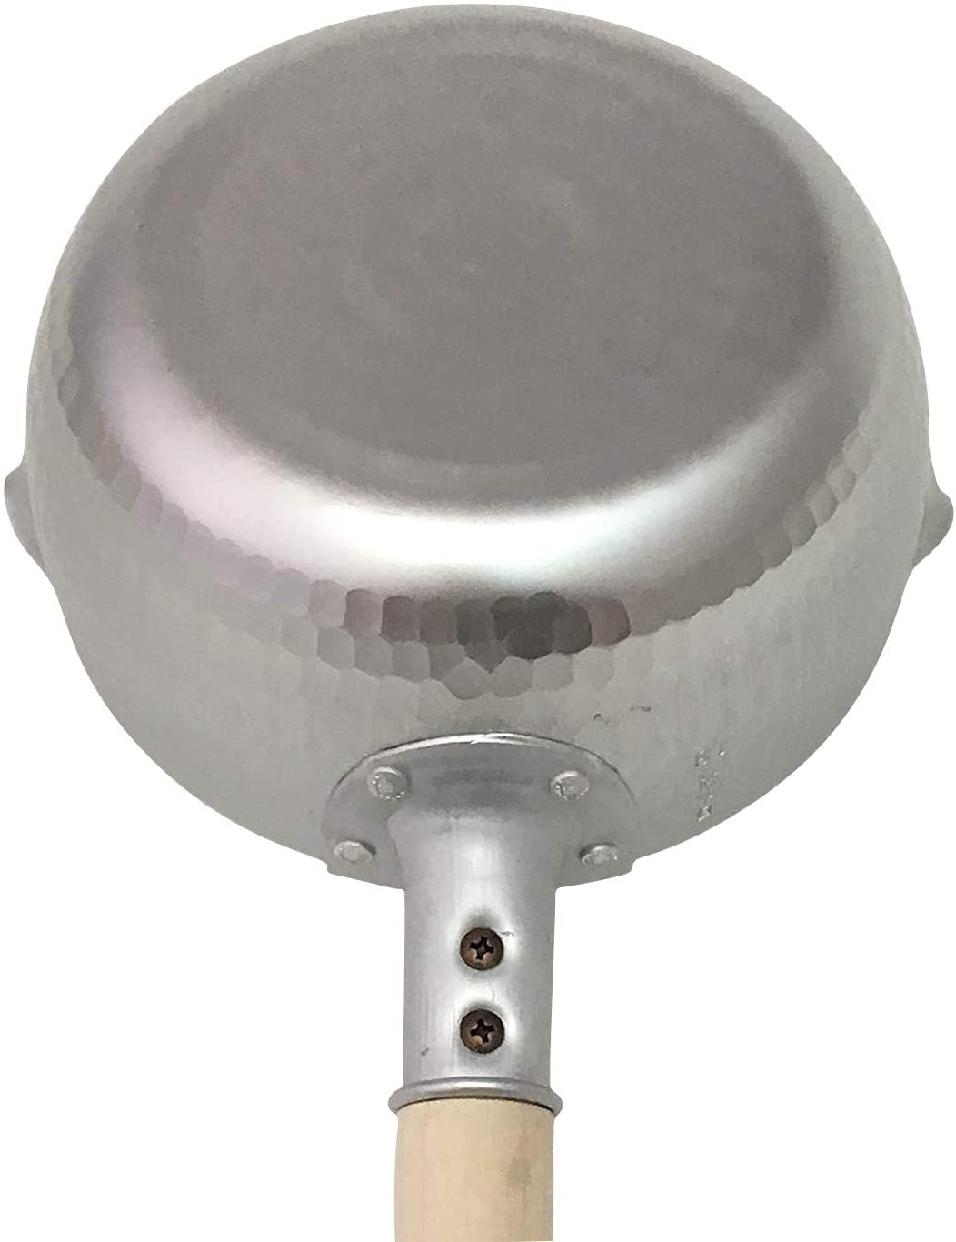 和の職人 ガス火 秀華ゆきひら鍋 深型ゆきひら鍋 18cm シルバーの商品画像6